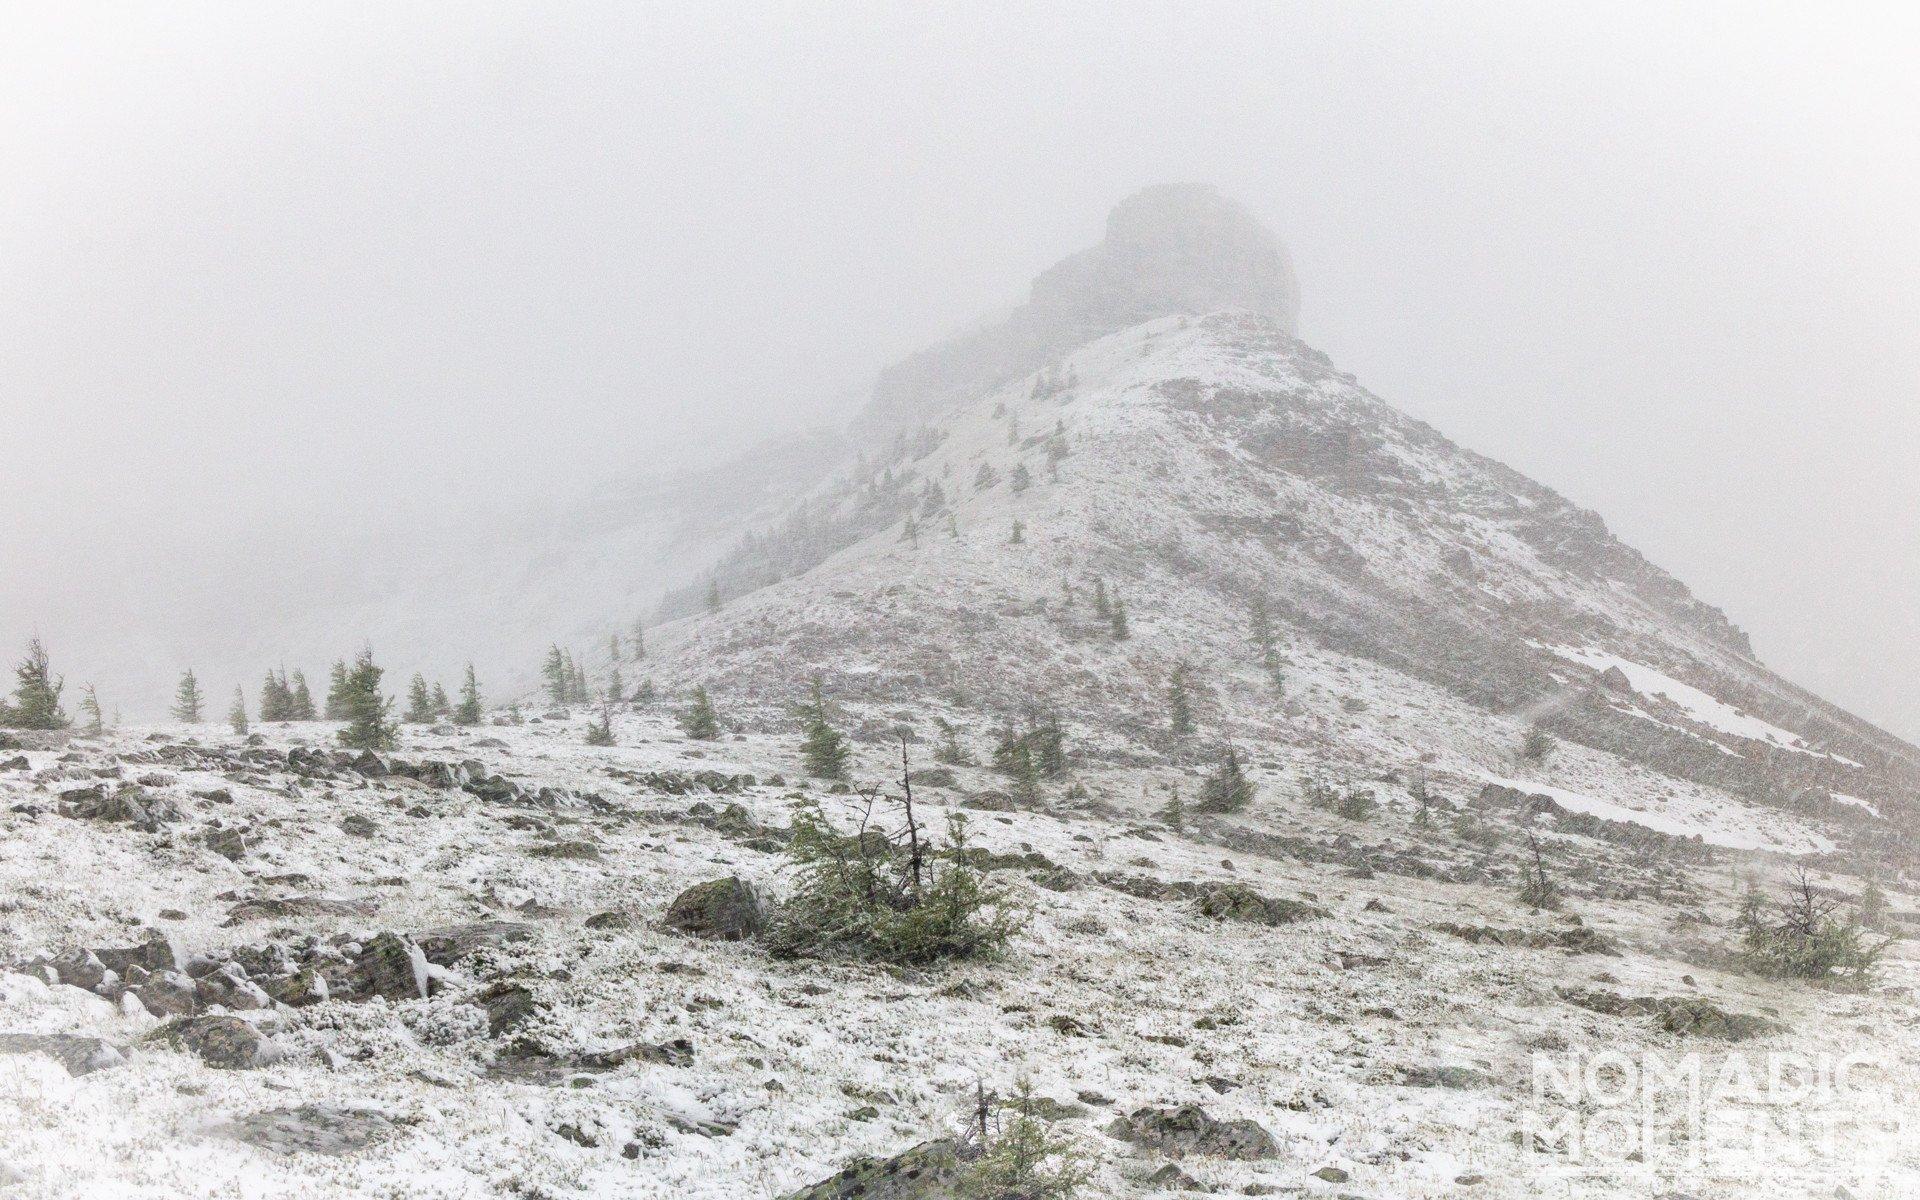 Citadel Peak